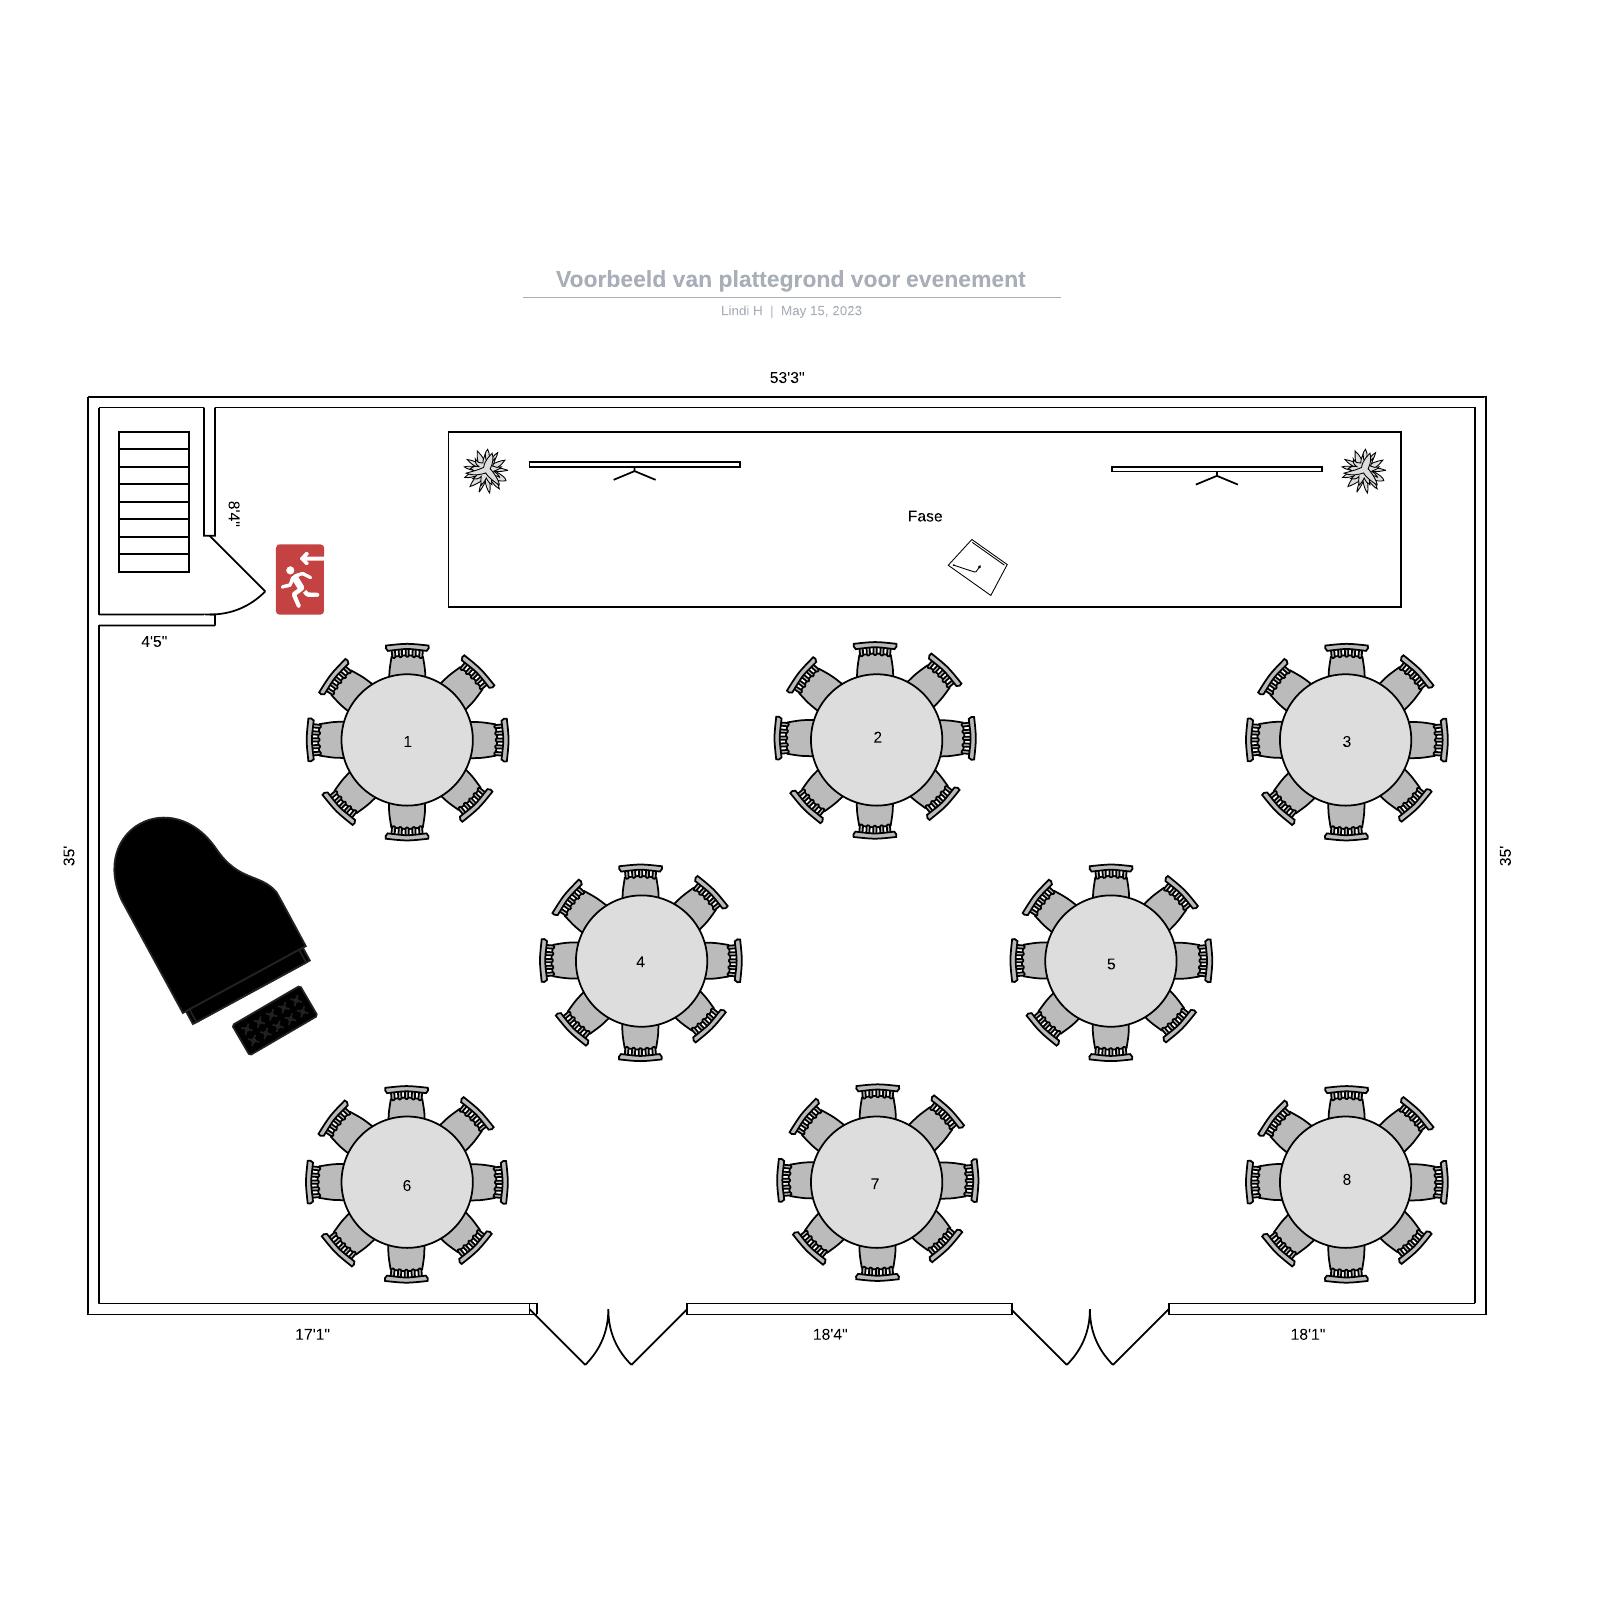 Voorbeeld van plattegrond voor evenement